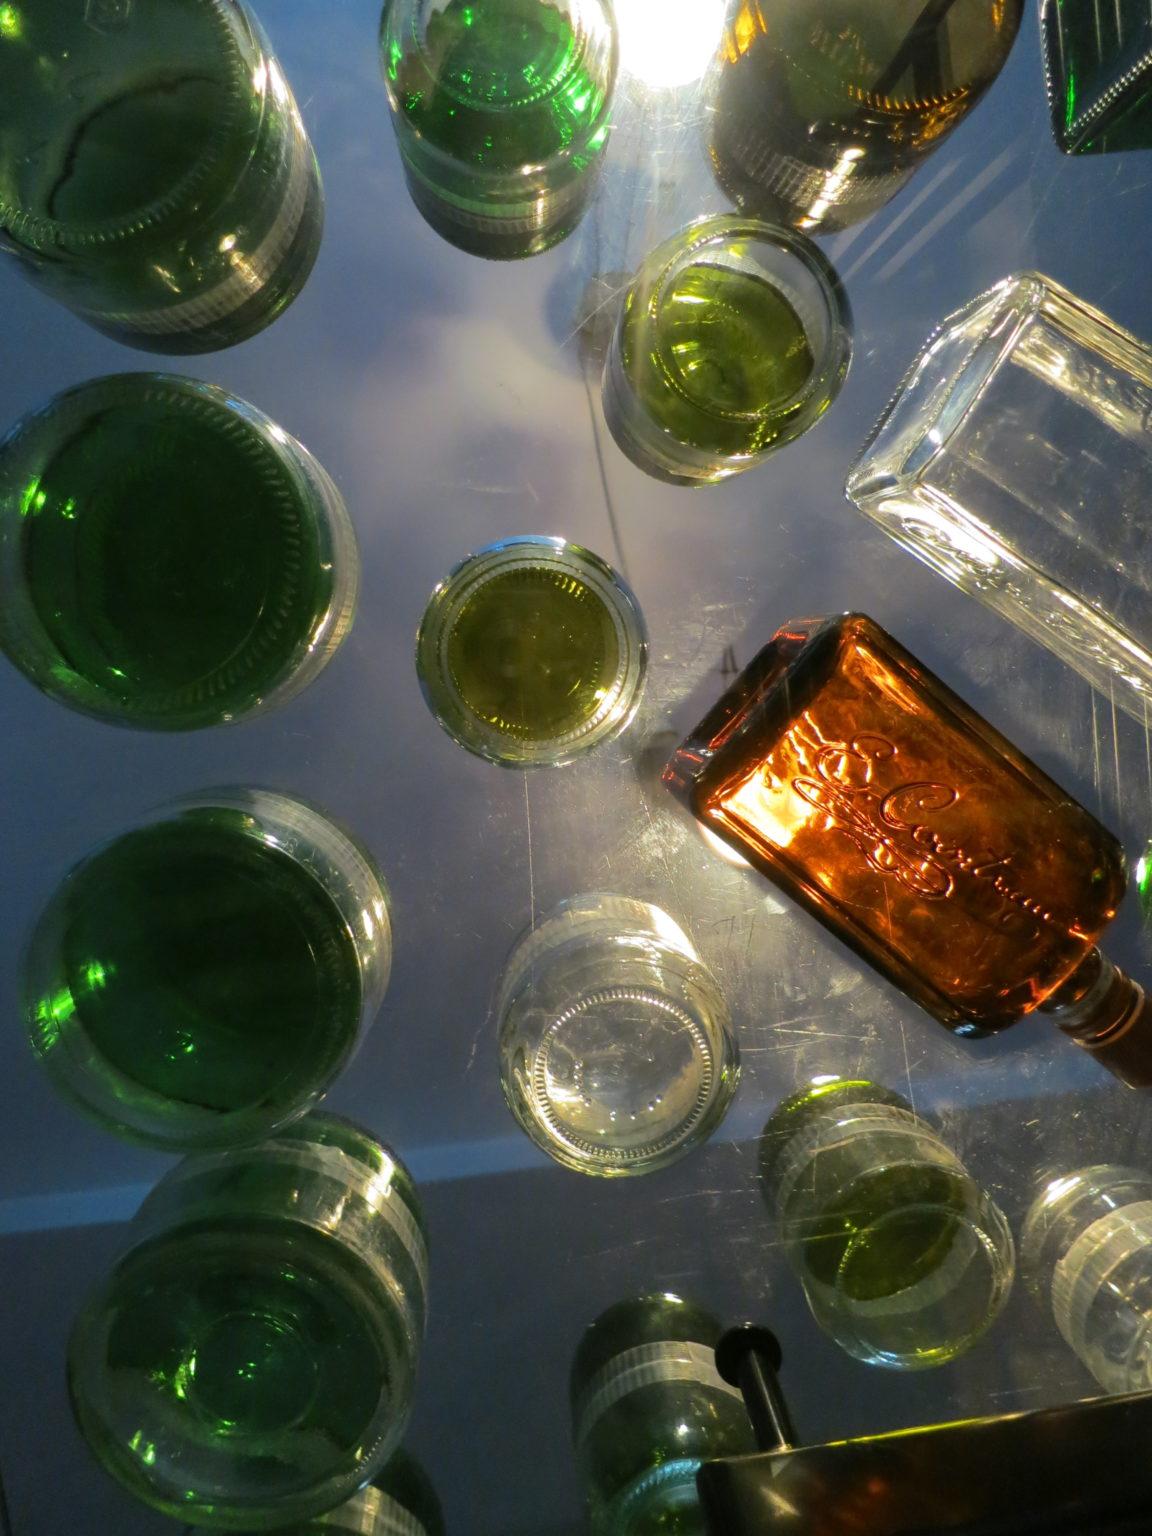 Flaschen-Bausteine aus Böden zusammengeklebt